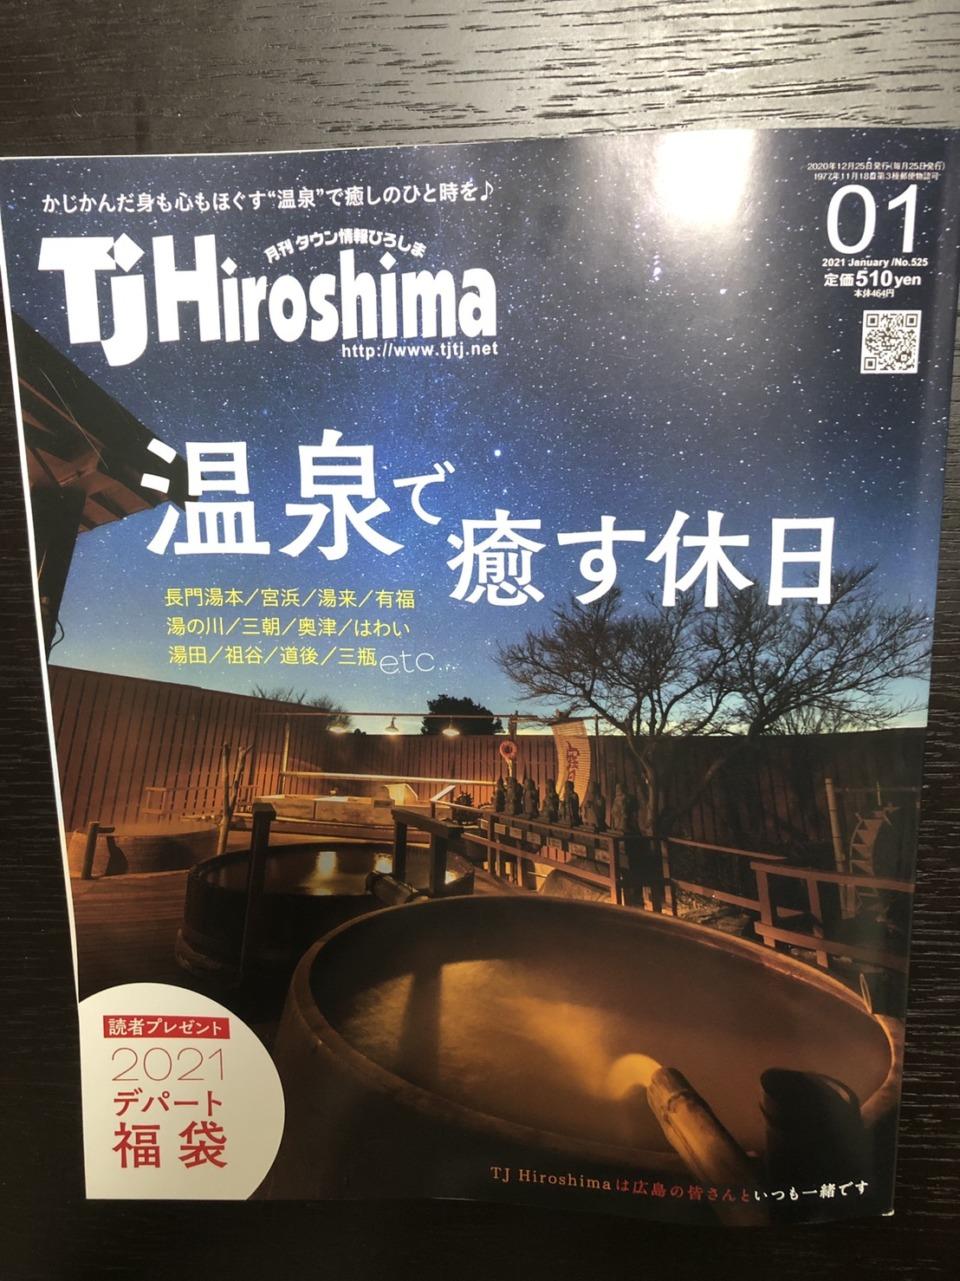 「TJ Hiroshima」さんの1月号に掲載されました